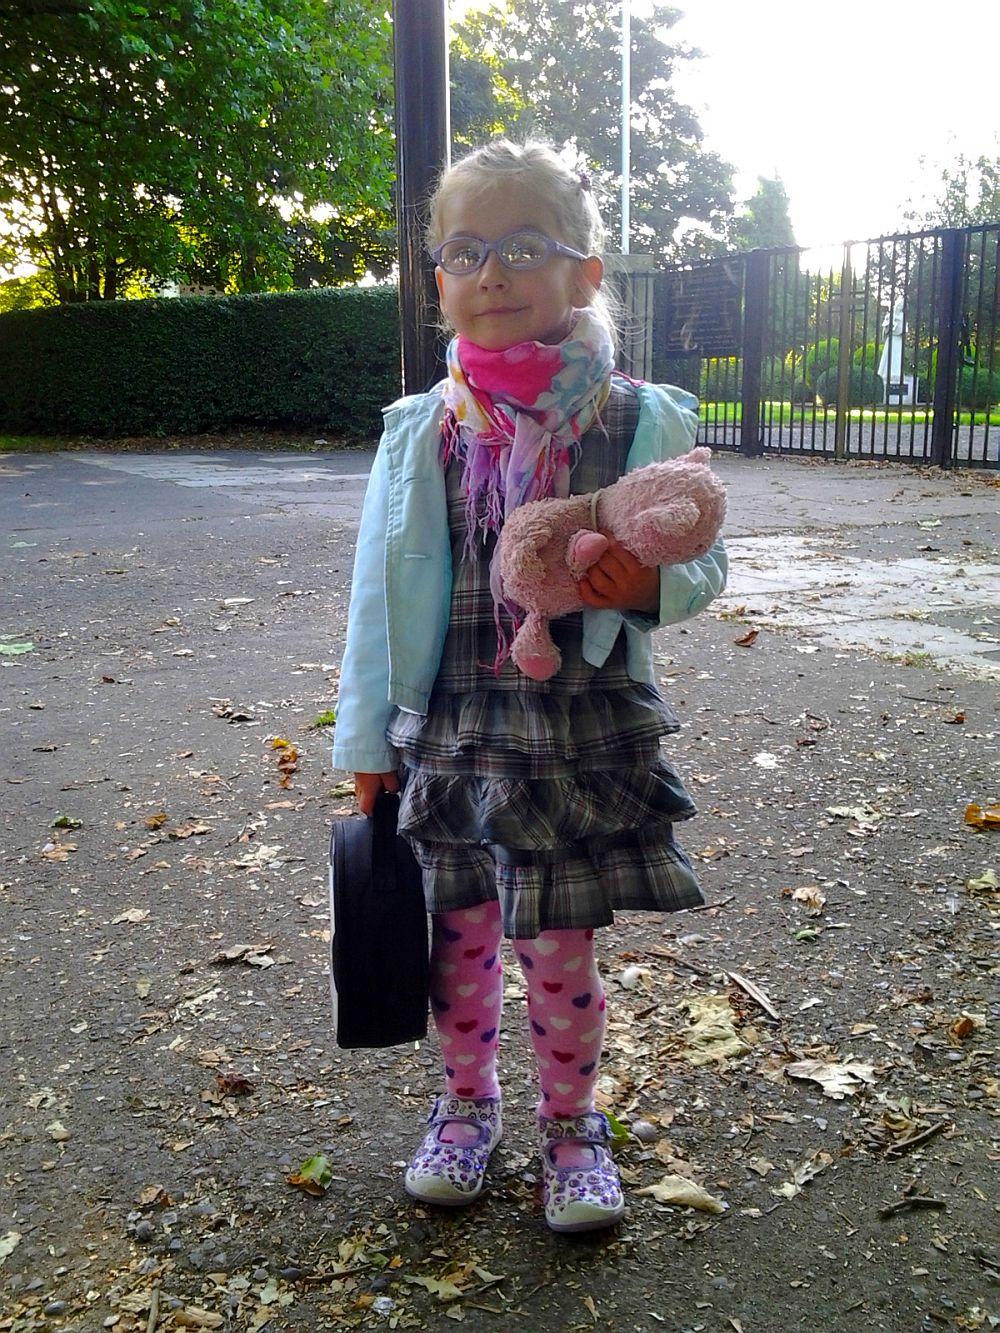 Poranek...w drodze do przedszkola